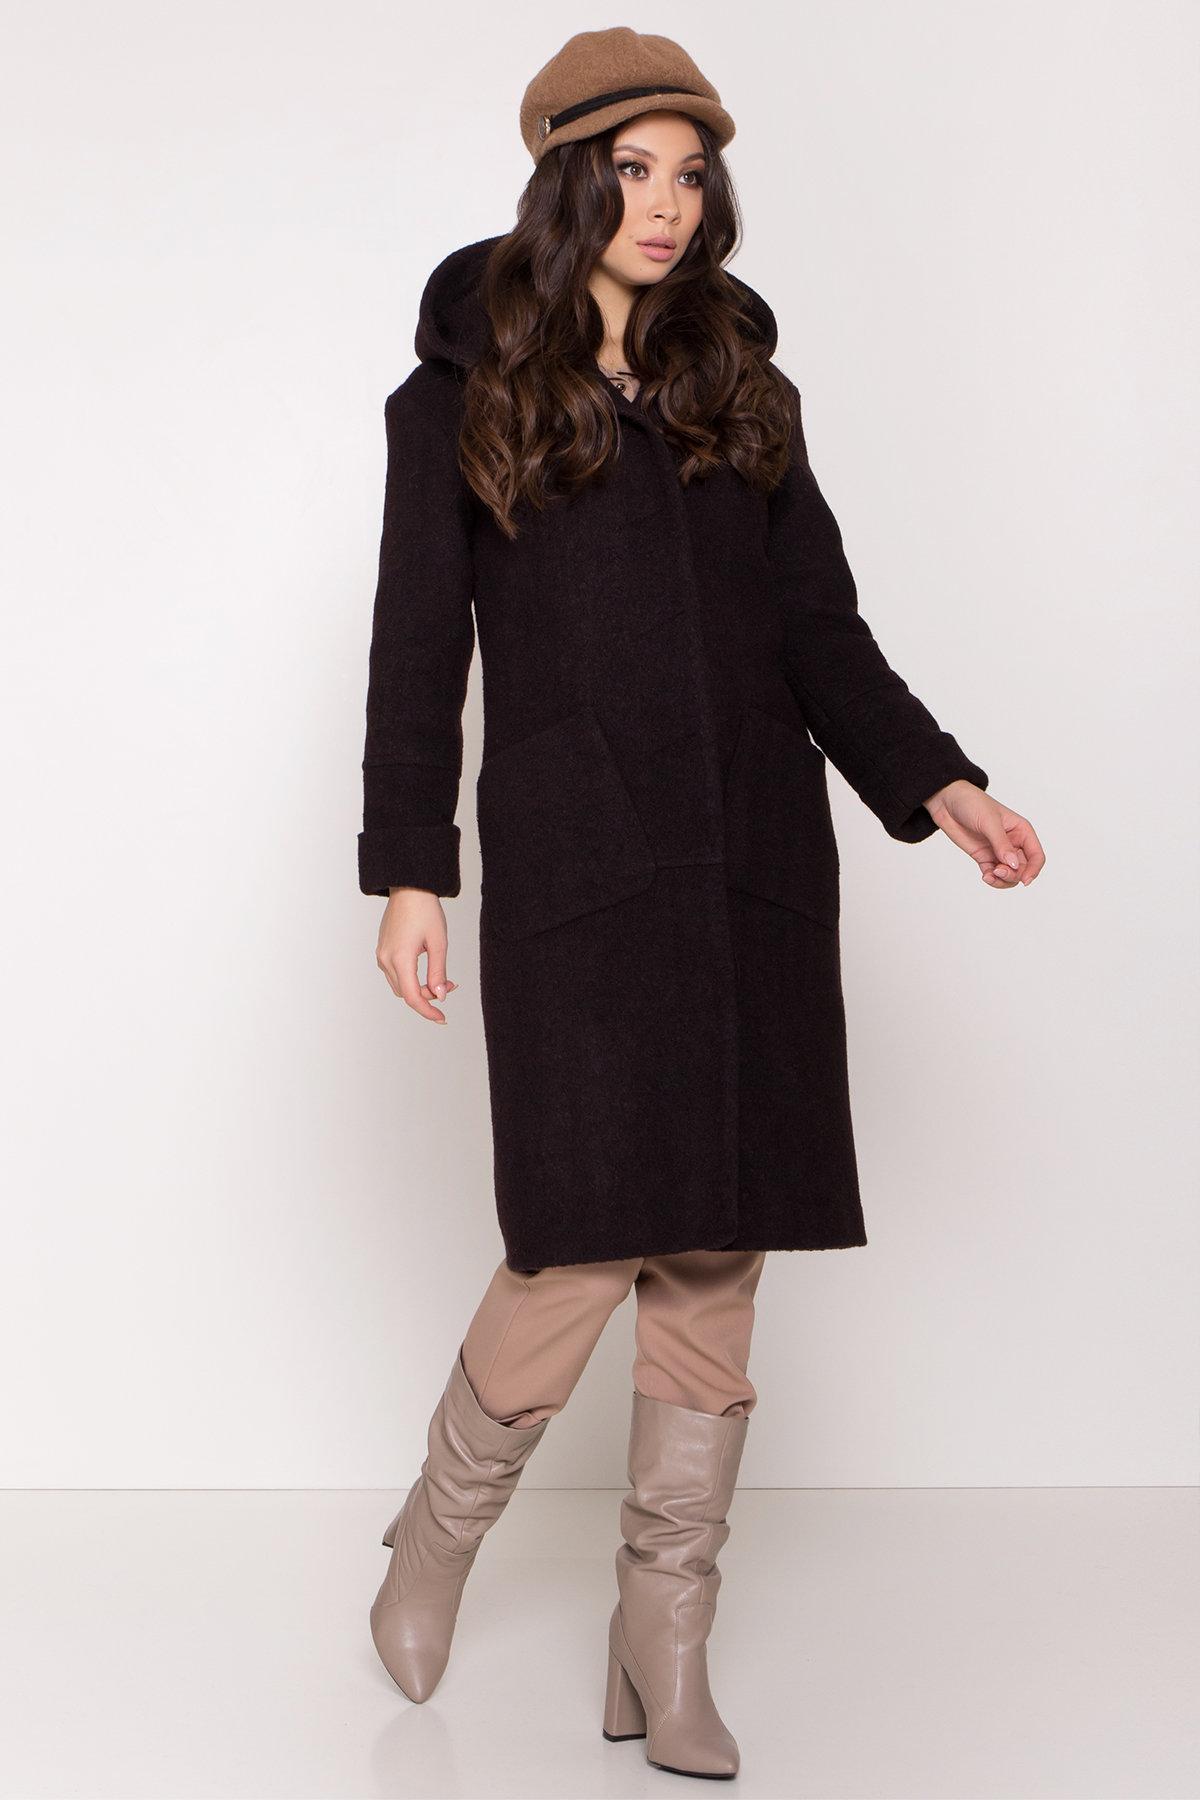 Пальто с капюшоном зимнее Анита 8327 АРТ. 44771 Цвет: Шоколад - фото 2, интернет магазин tm-modus.ru